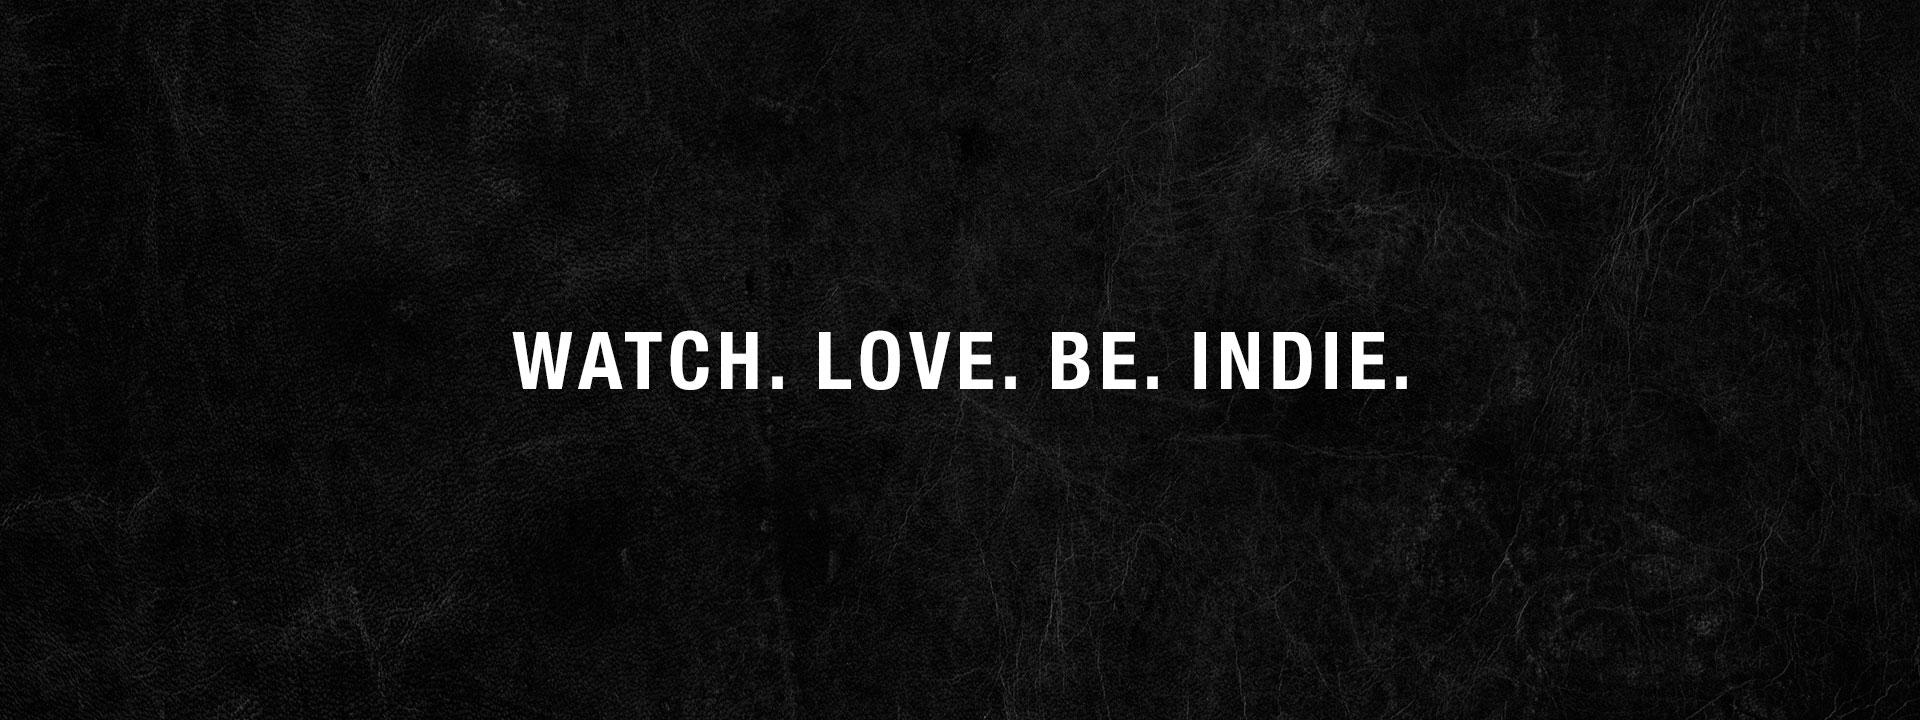 watchlovebeindie-01